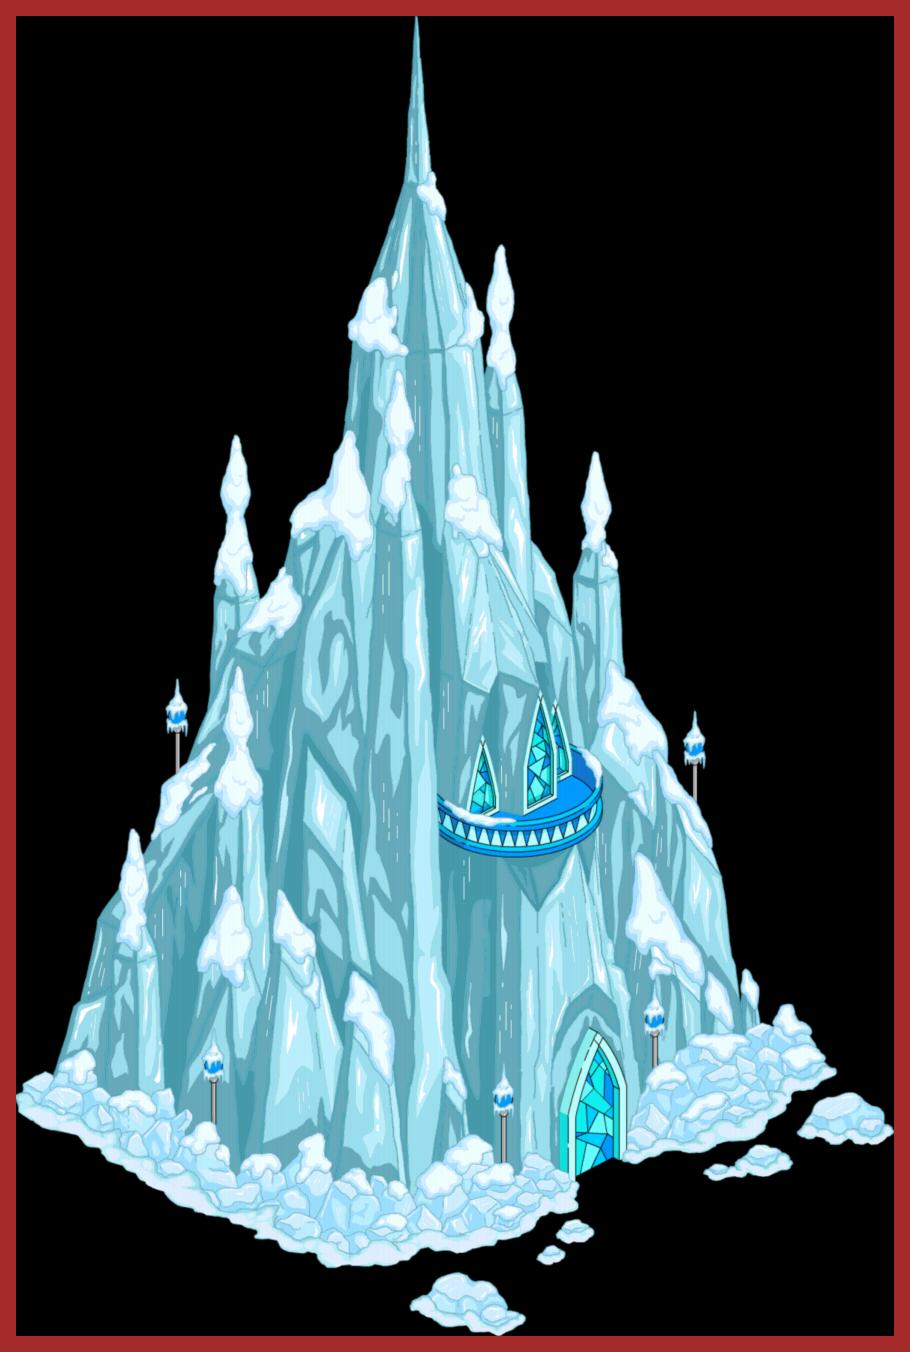 palace clipart frozen castle #134740528